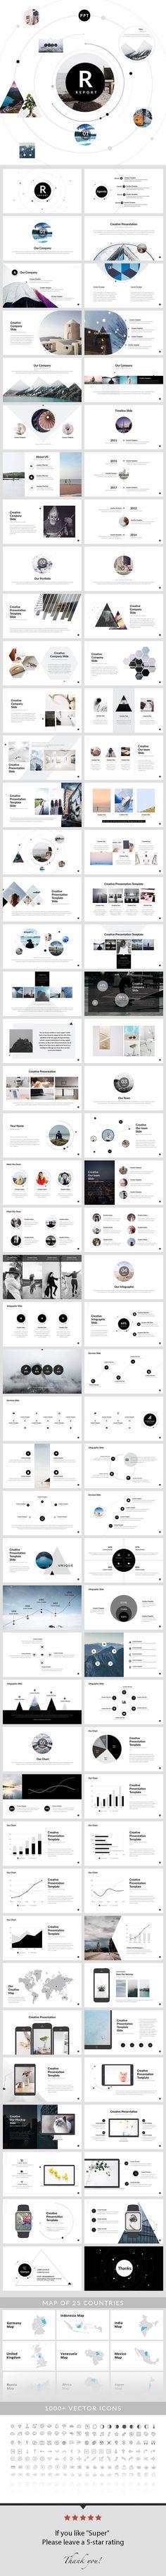 보고서 - PowerPoint 프레젠테이션 템플릿 - Creative PowerPoint Templates